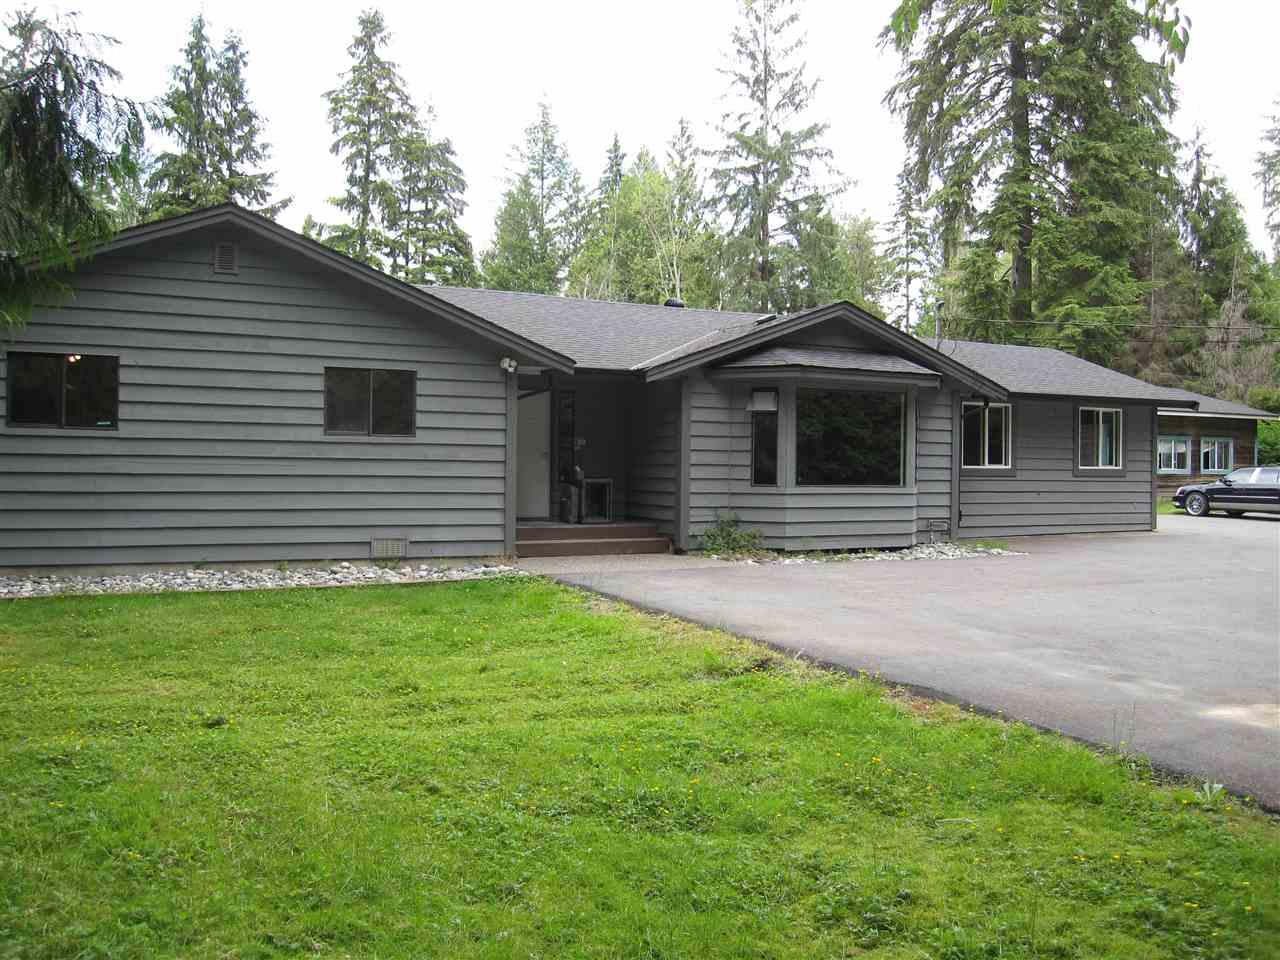 Detached at 23385 128 AVENUE, Maple Ridge, British Columbia. Image 1